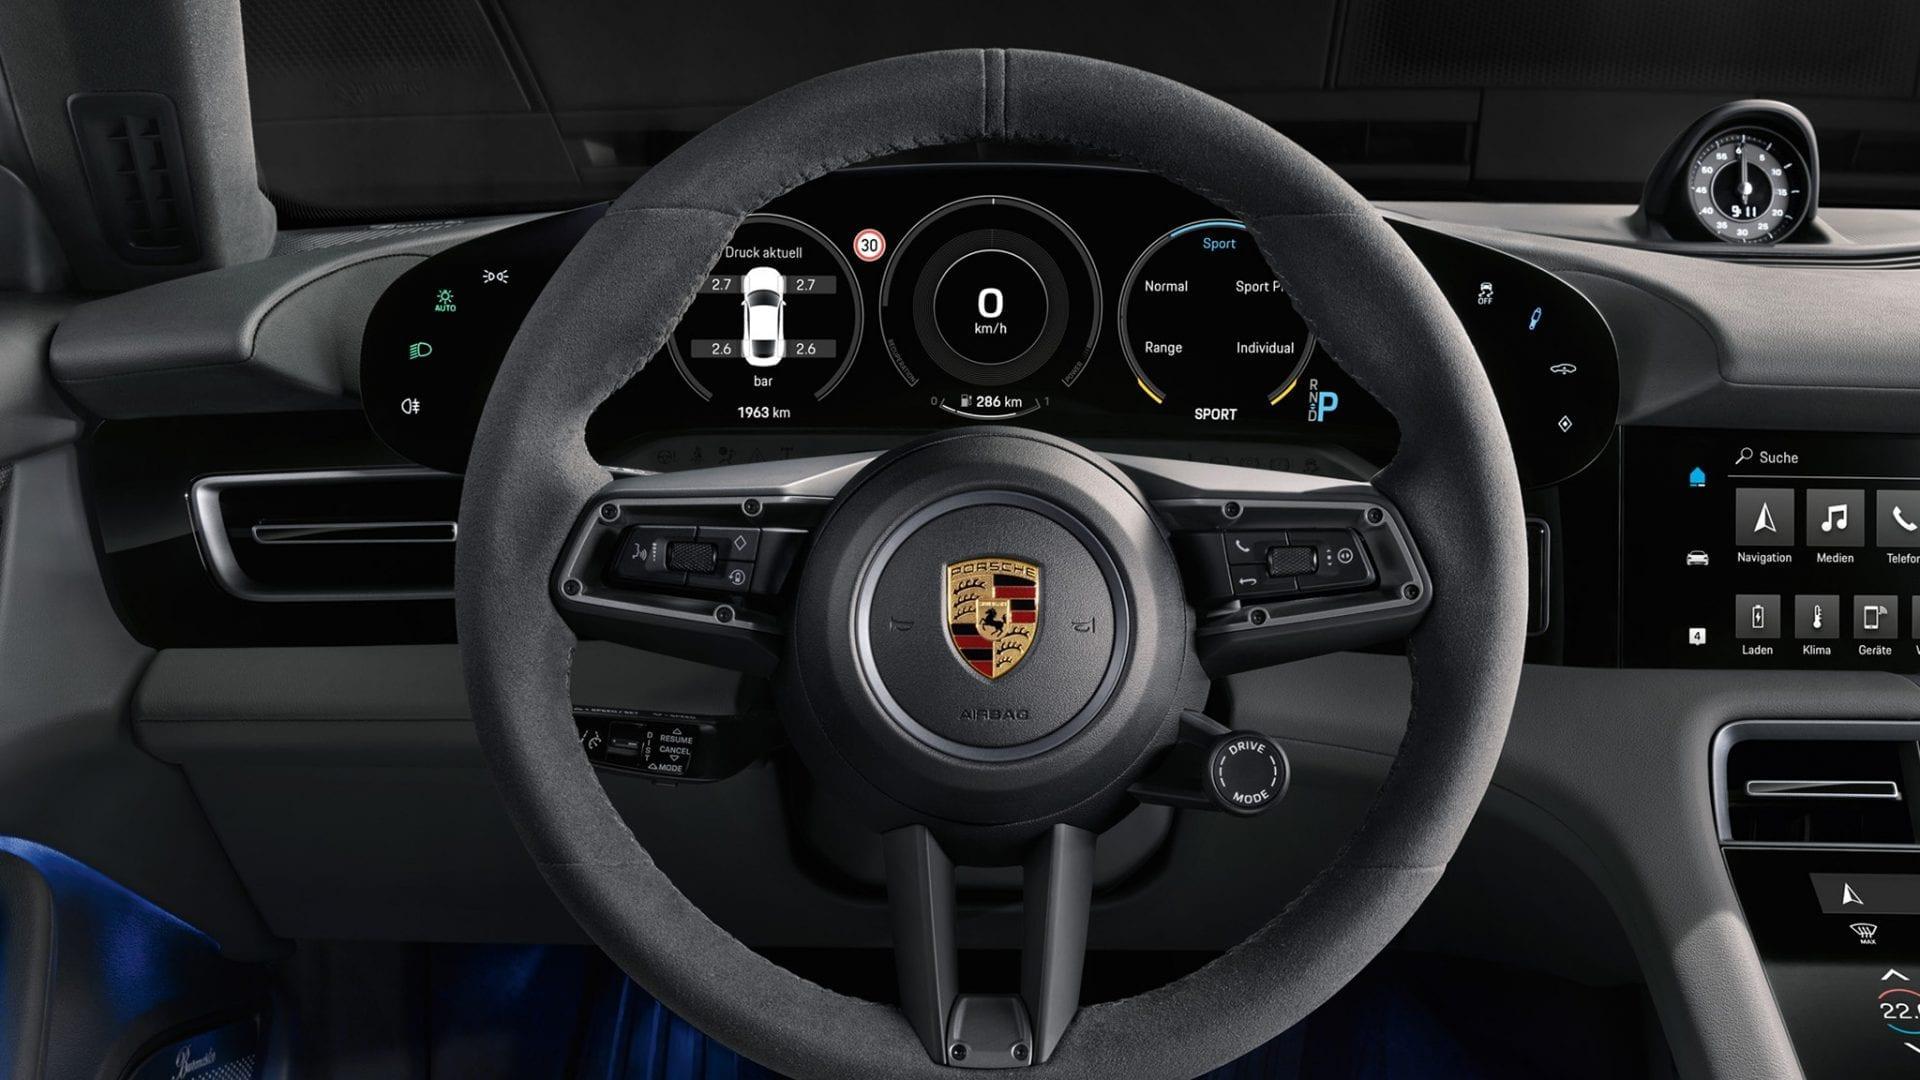 Taycanin ohjauspyörä Porschen logolla.